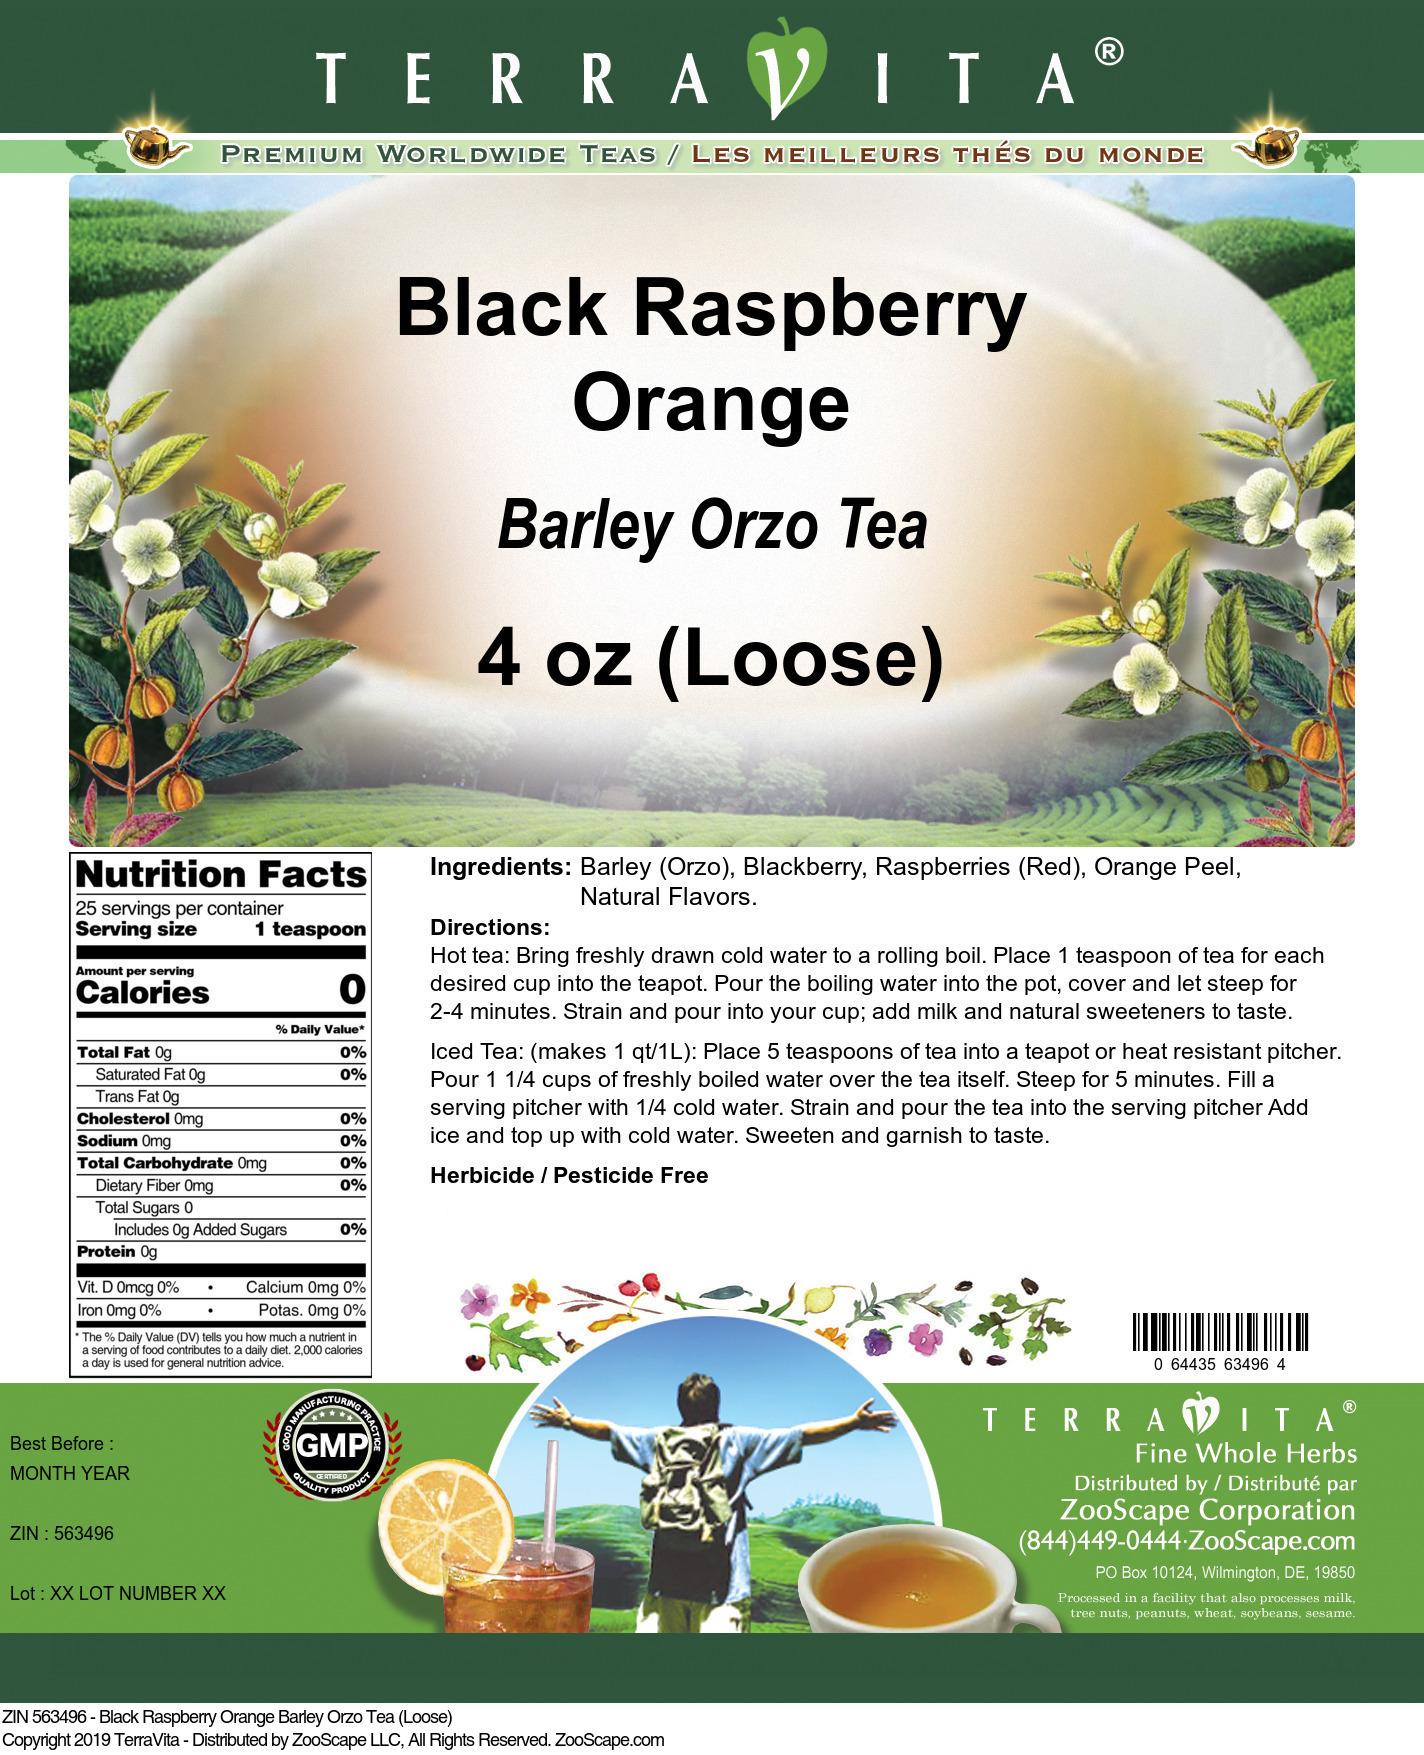 Black Raspberry Orange Barley Orzo